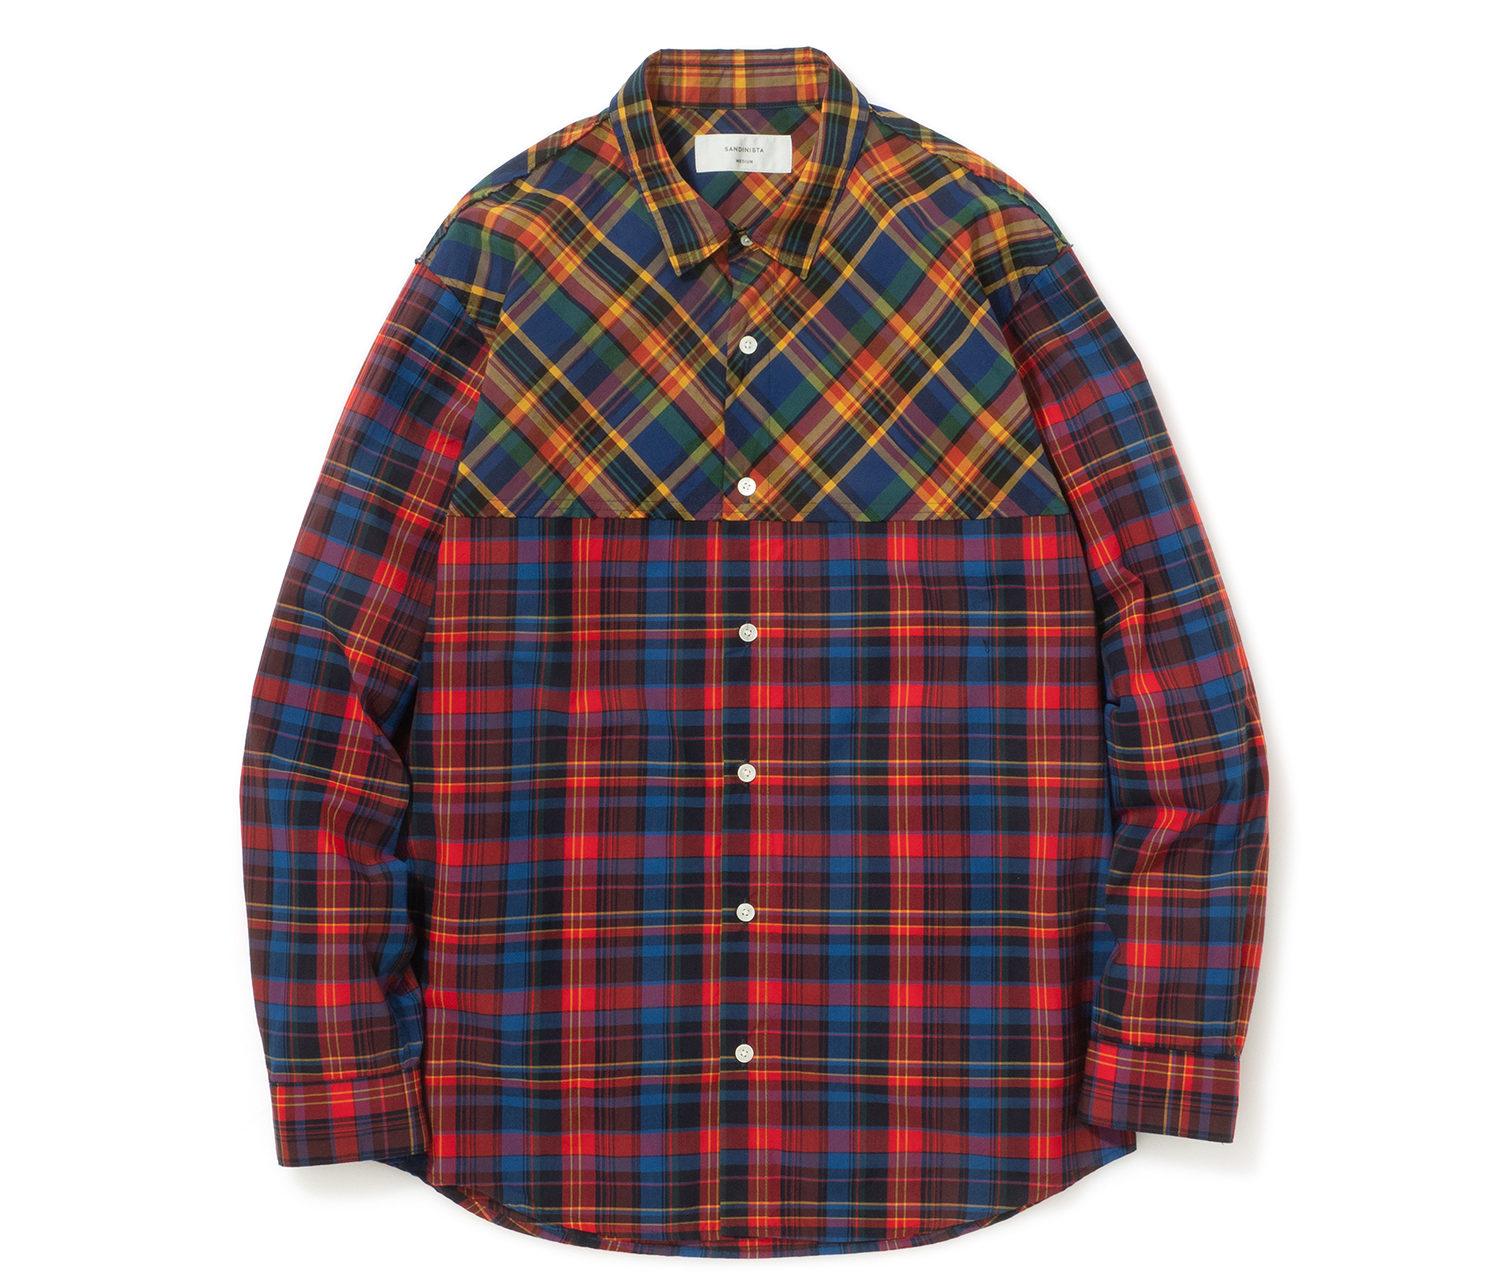 櫻井翔 VS嵐 衣装 2/21 SANDINISTA 2 Tone Check Shirt